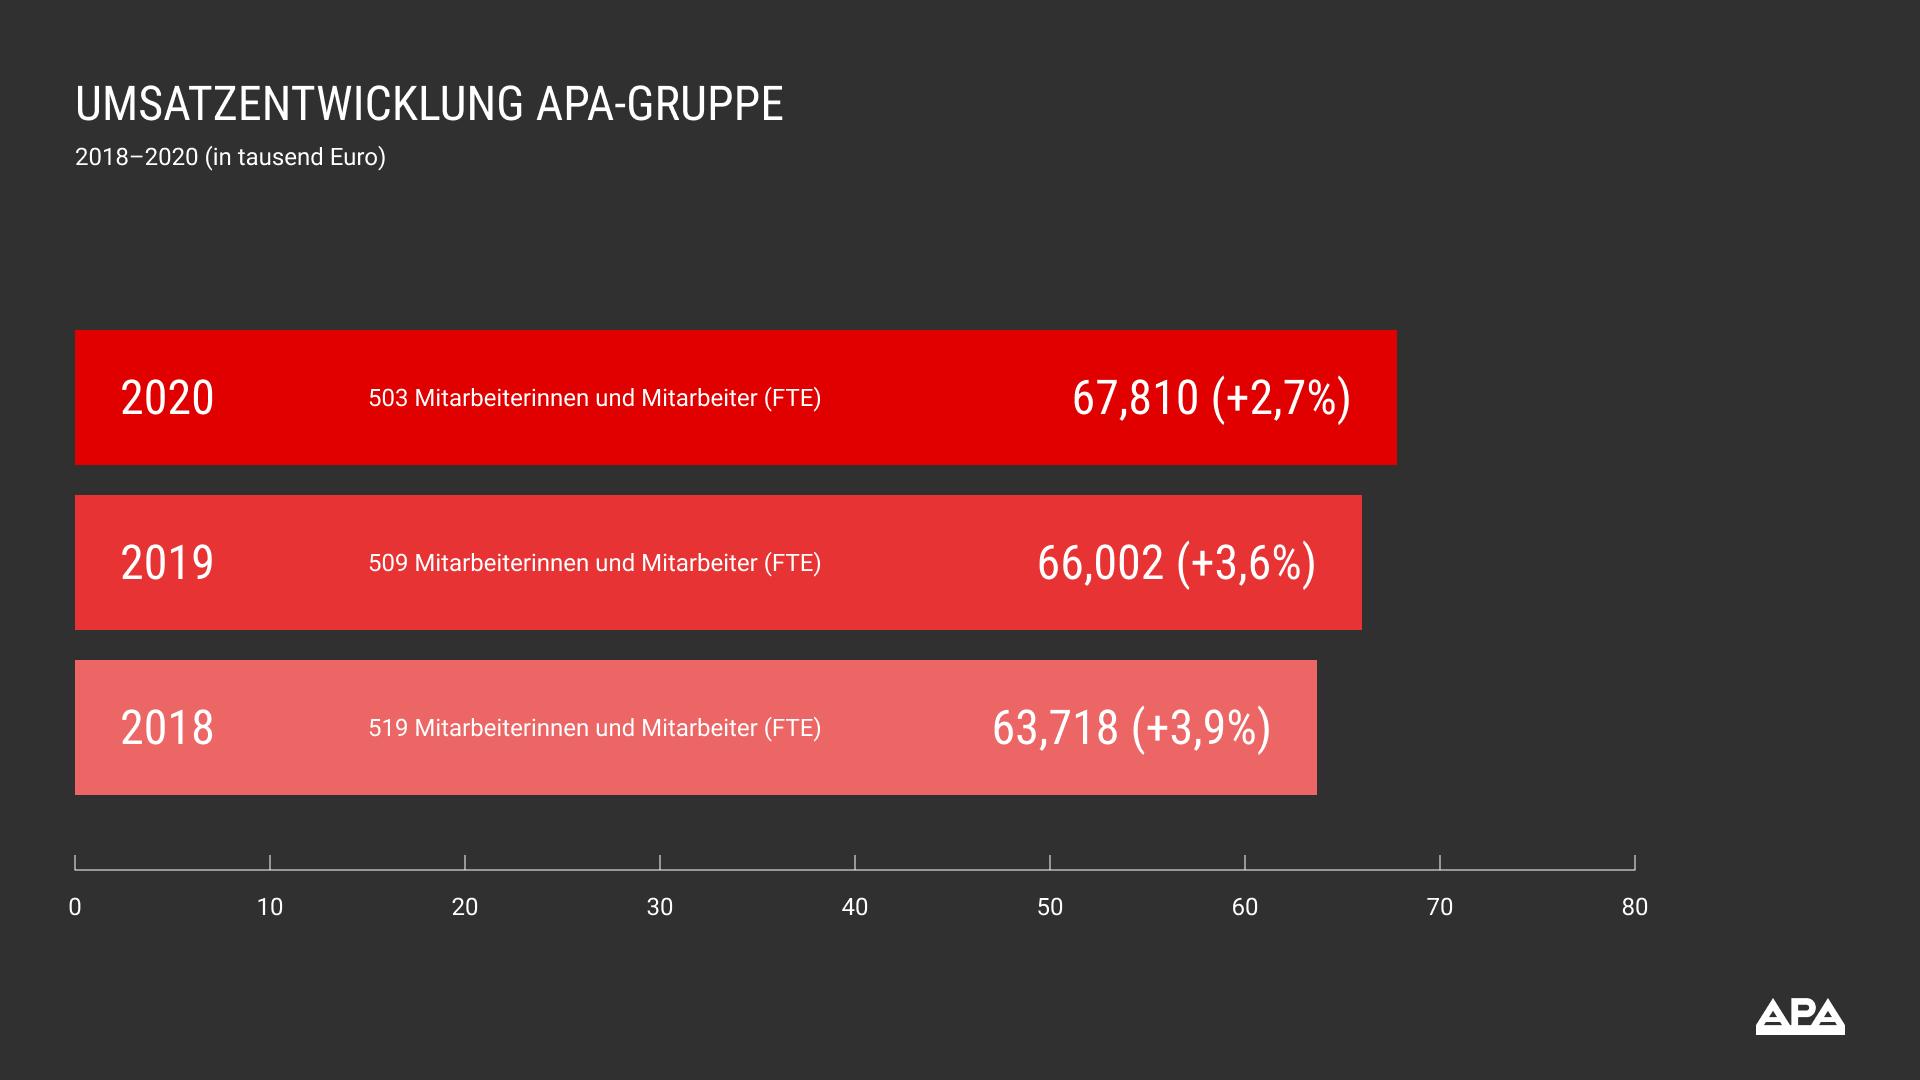 Umsatzentwicklung APA-Gruppe